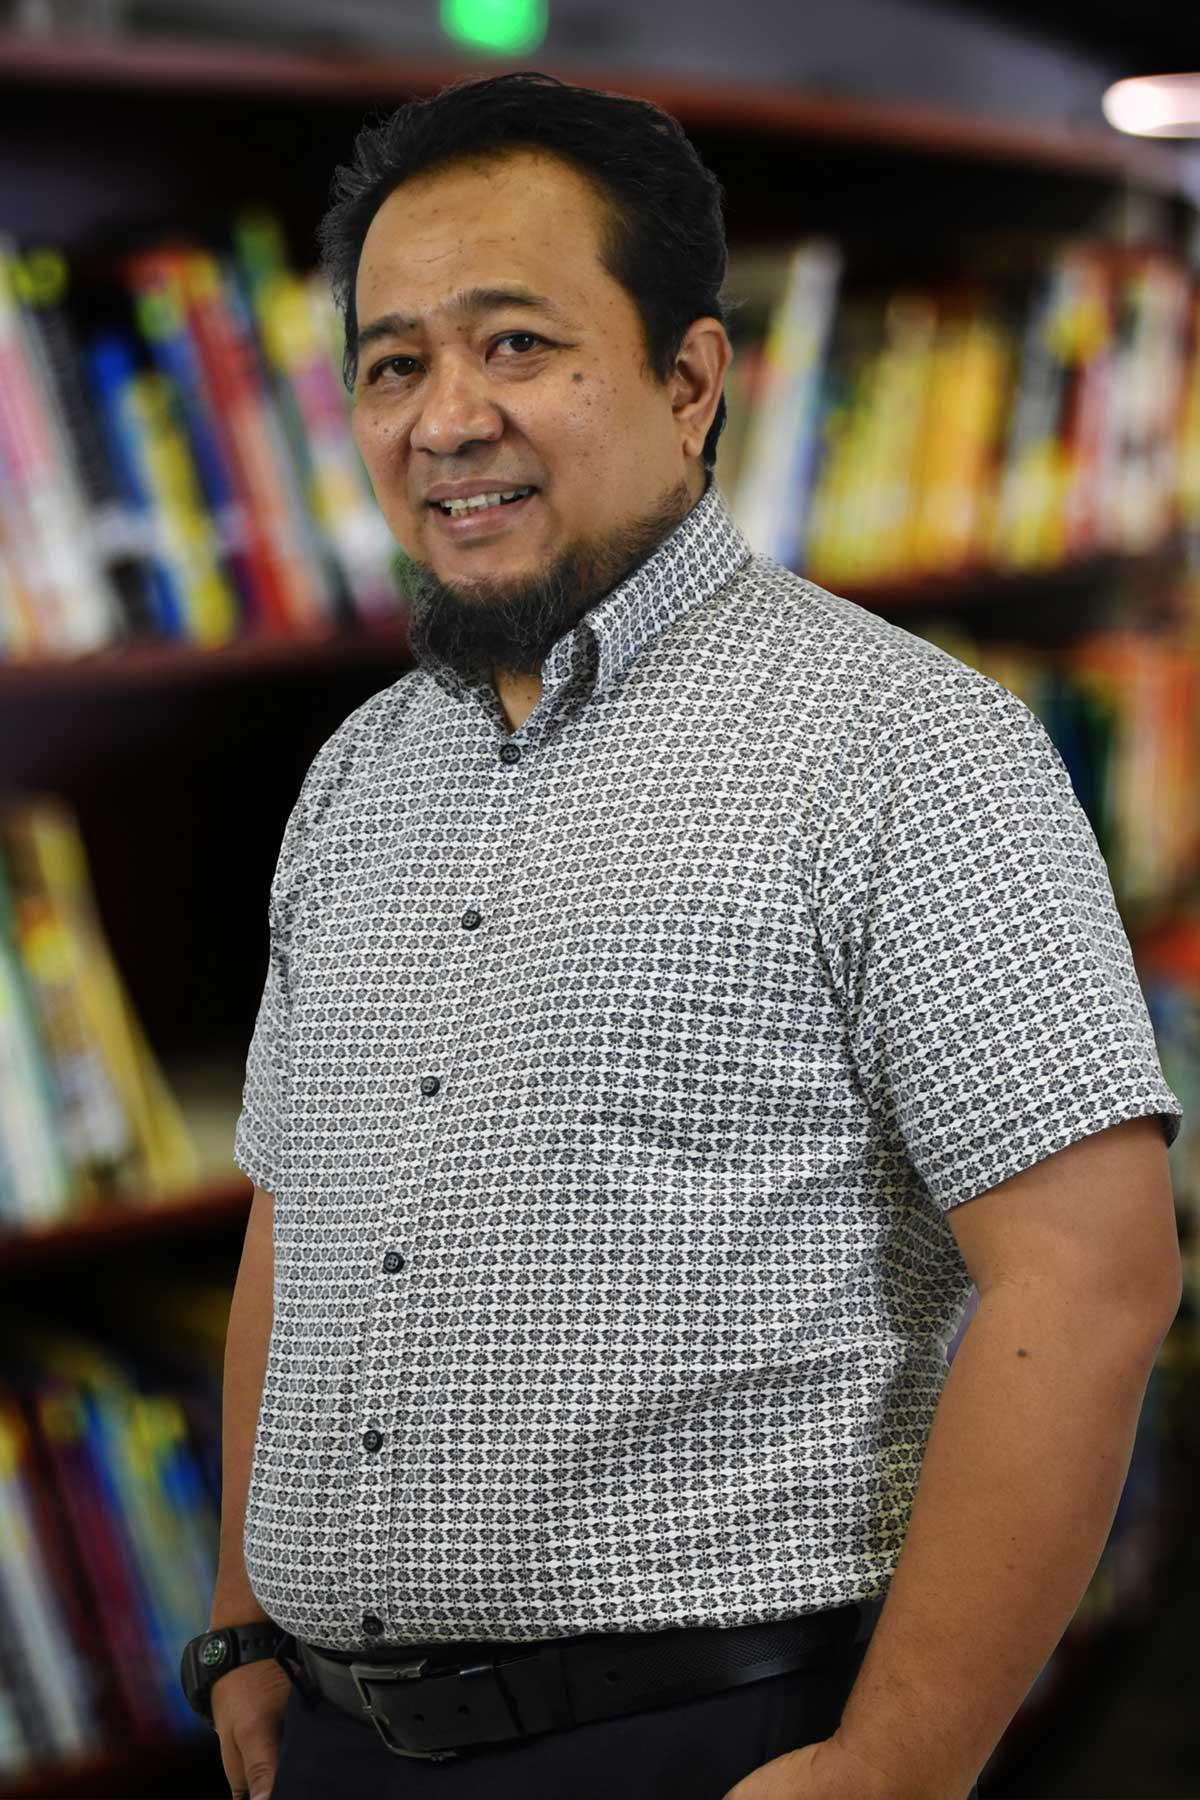 Mr. Hafizi Bin Senen